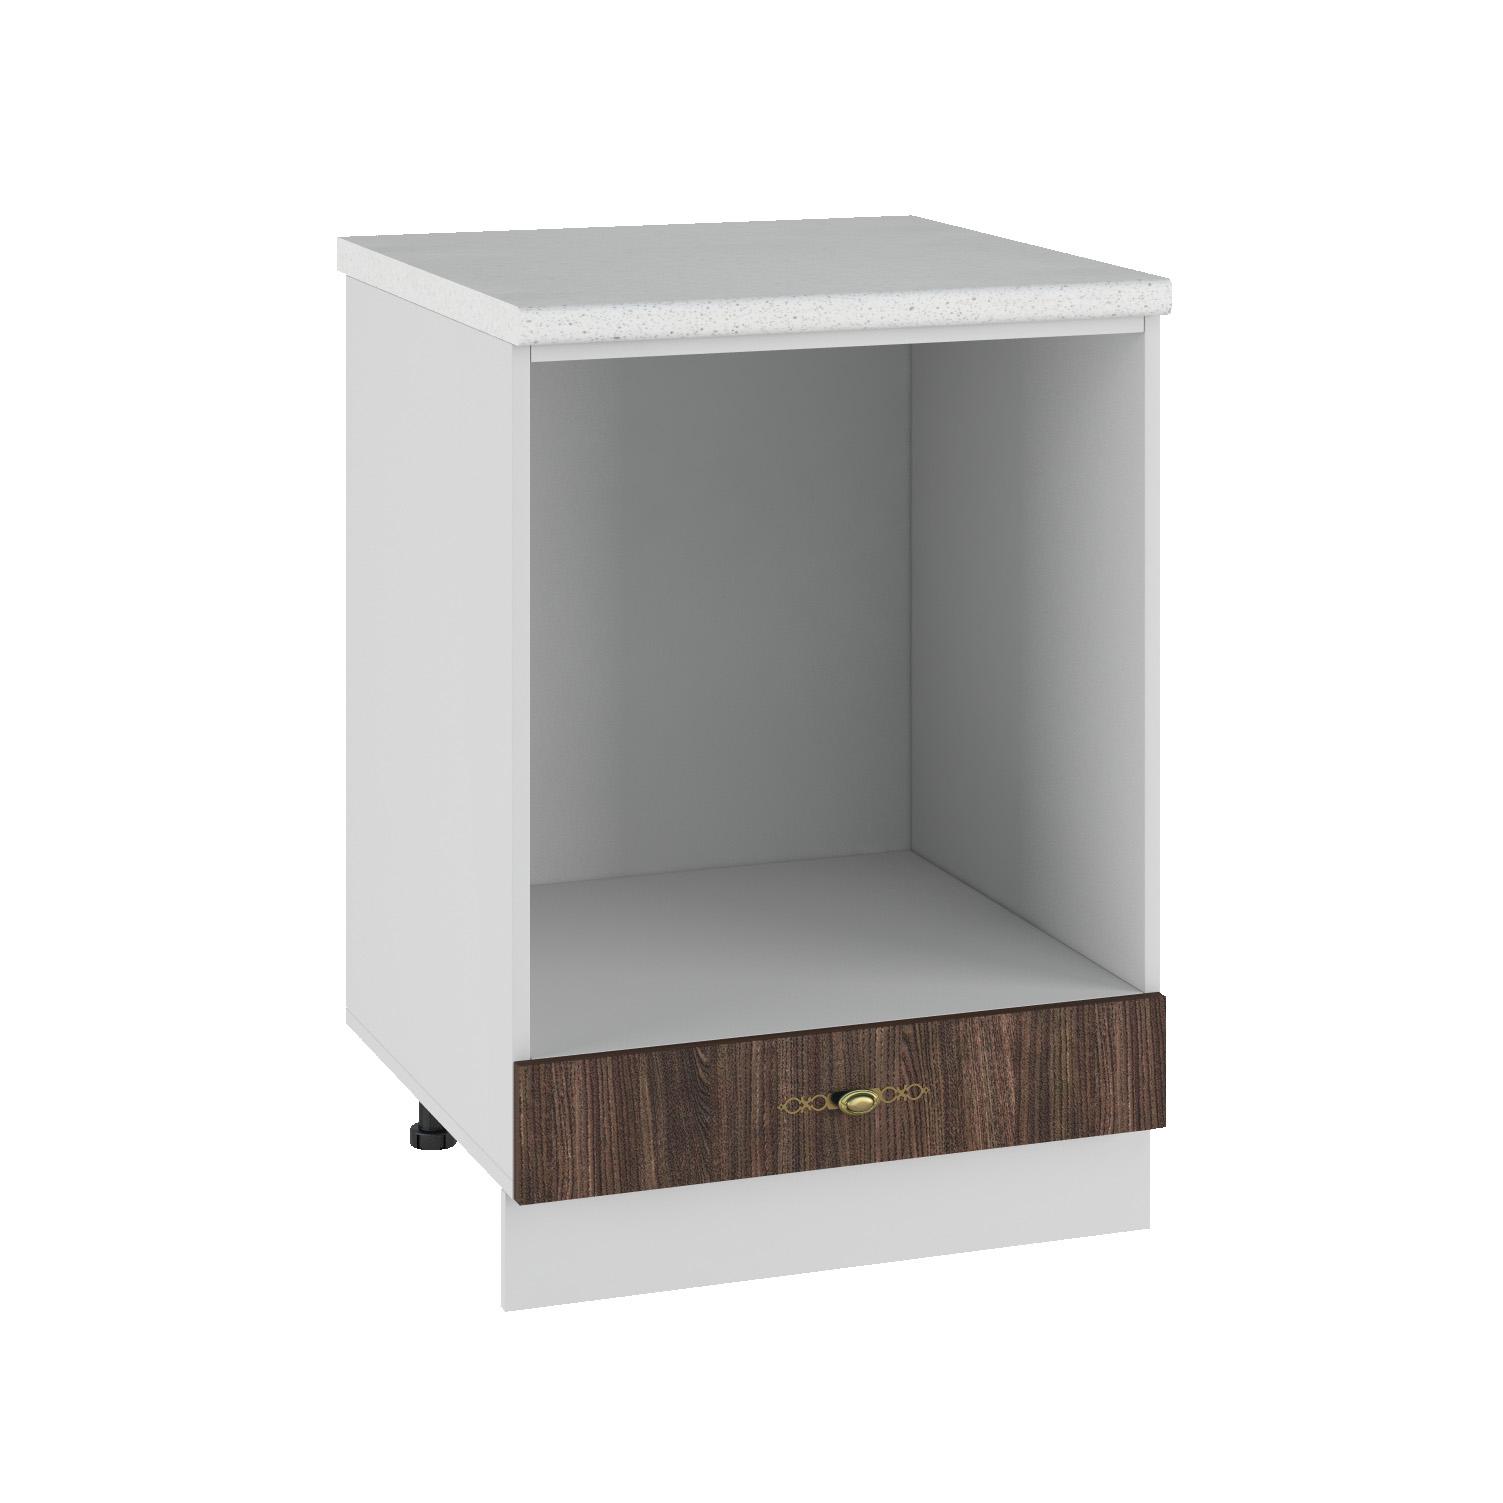 Кухня Империя СД 600 Шкаф нижний духовой